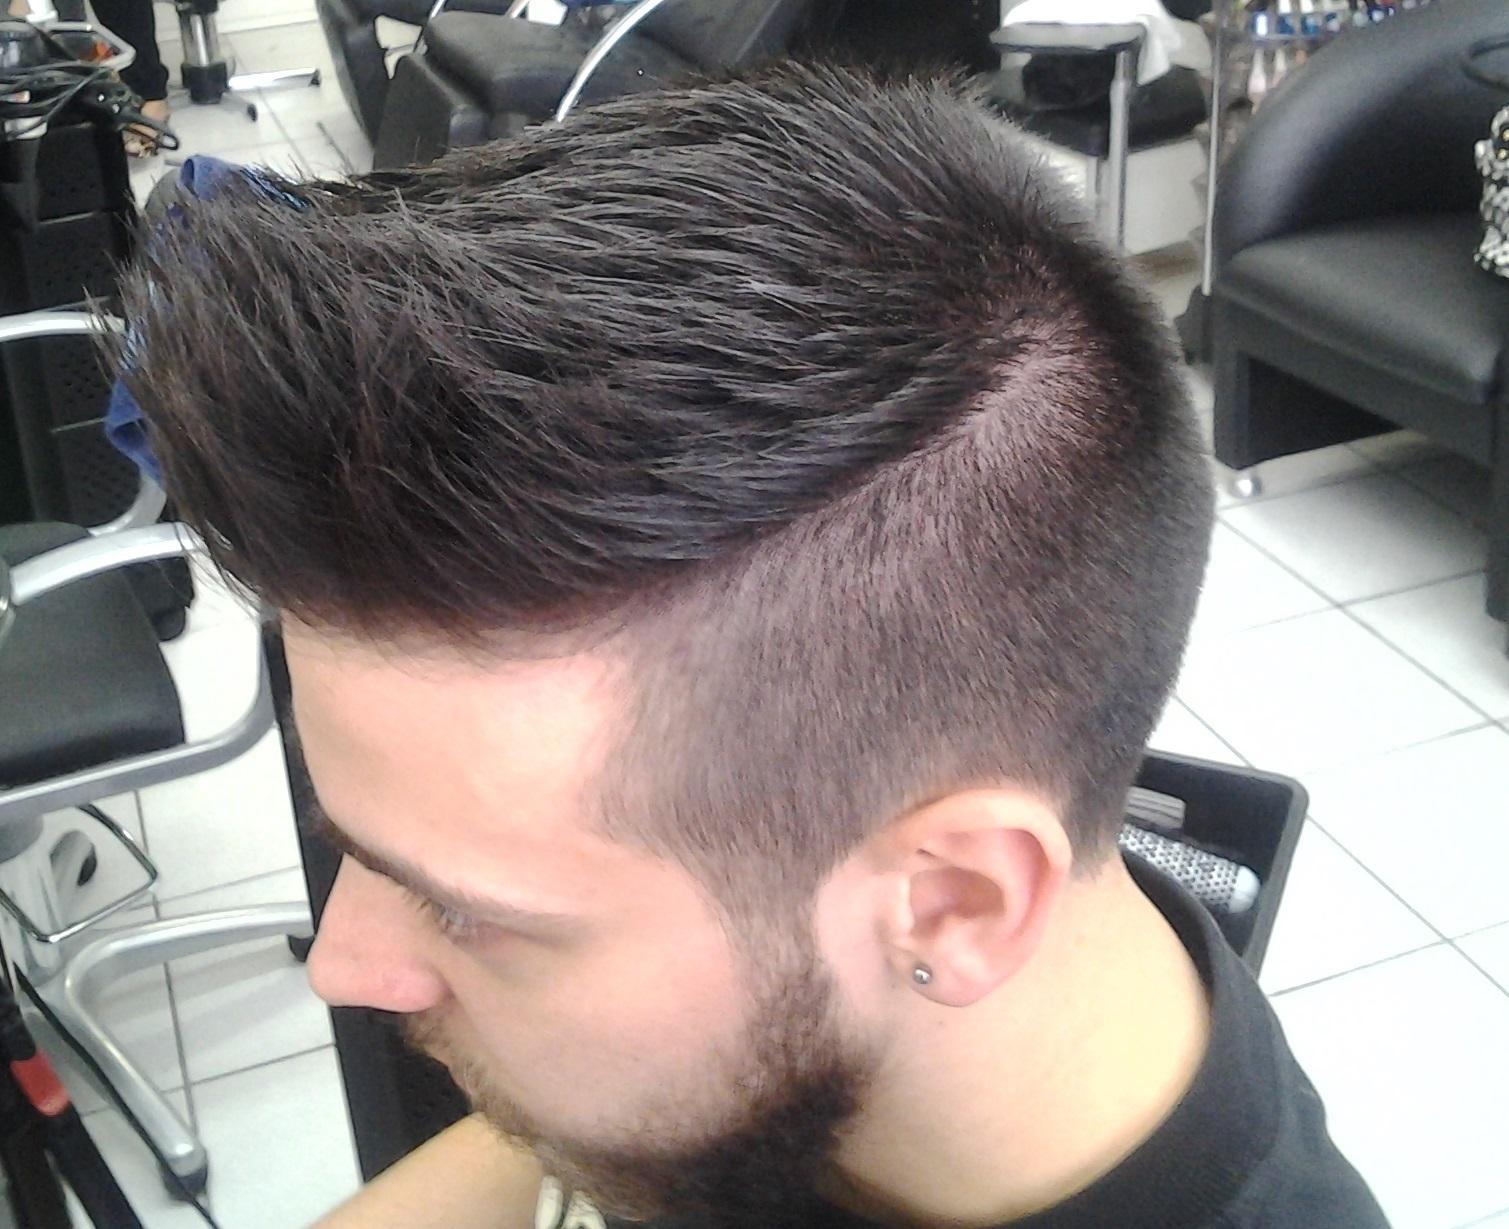 corte e escova cabeleireiro(a) massoterapeuta barbeiro(a) aromaterapeuta depilador(a) designer de sobrancelhas esteticista massagista stylist terapeuta visagista docente / professor(a) supervisor(a)